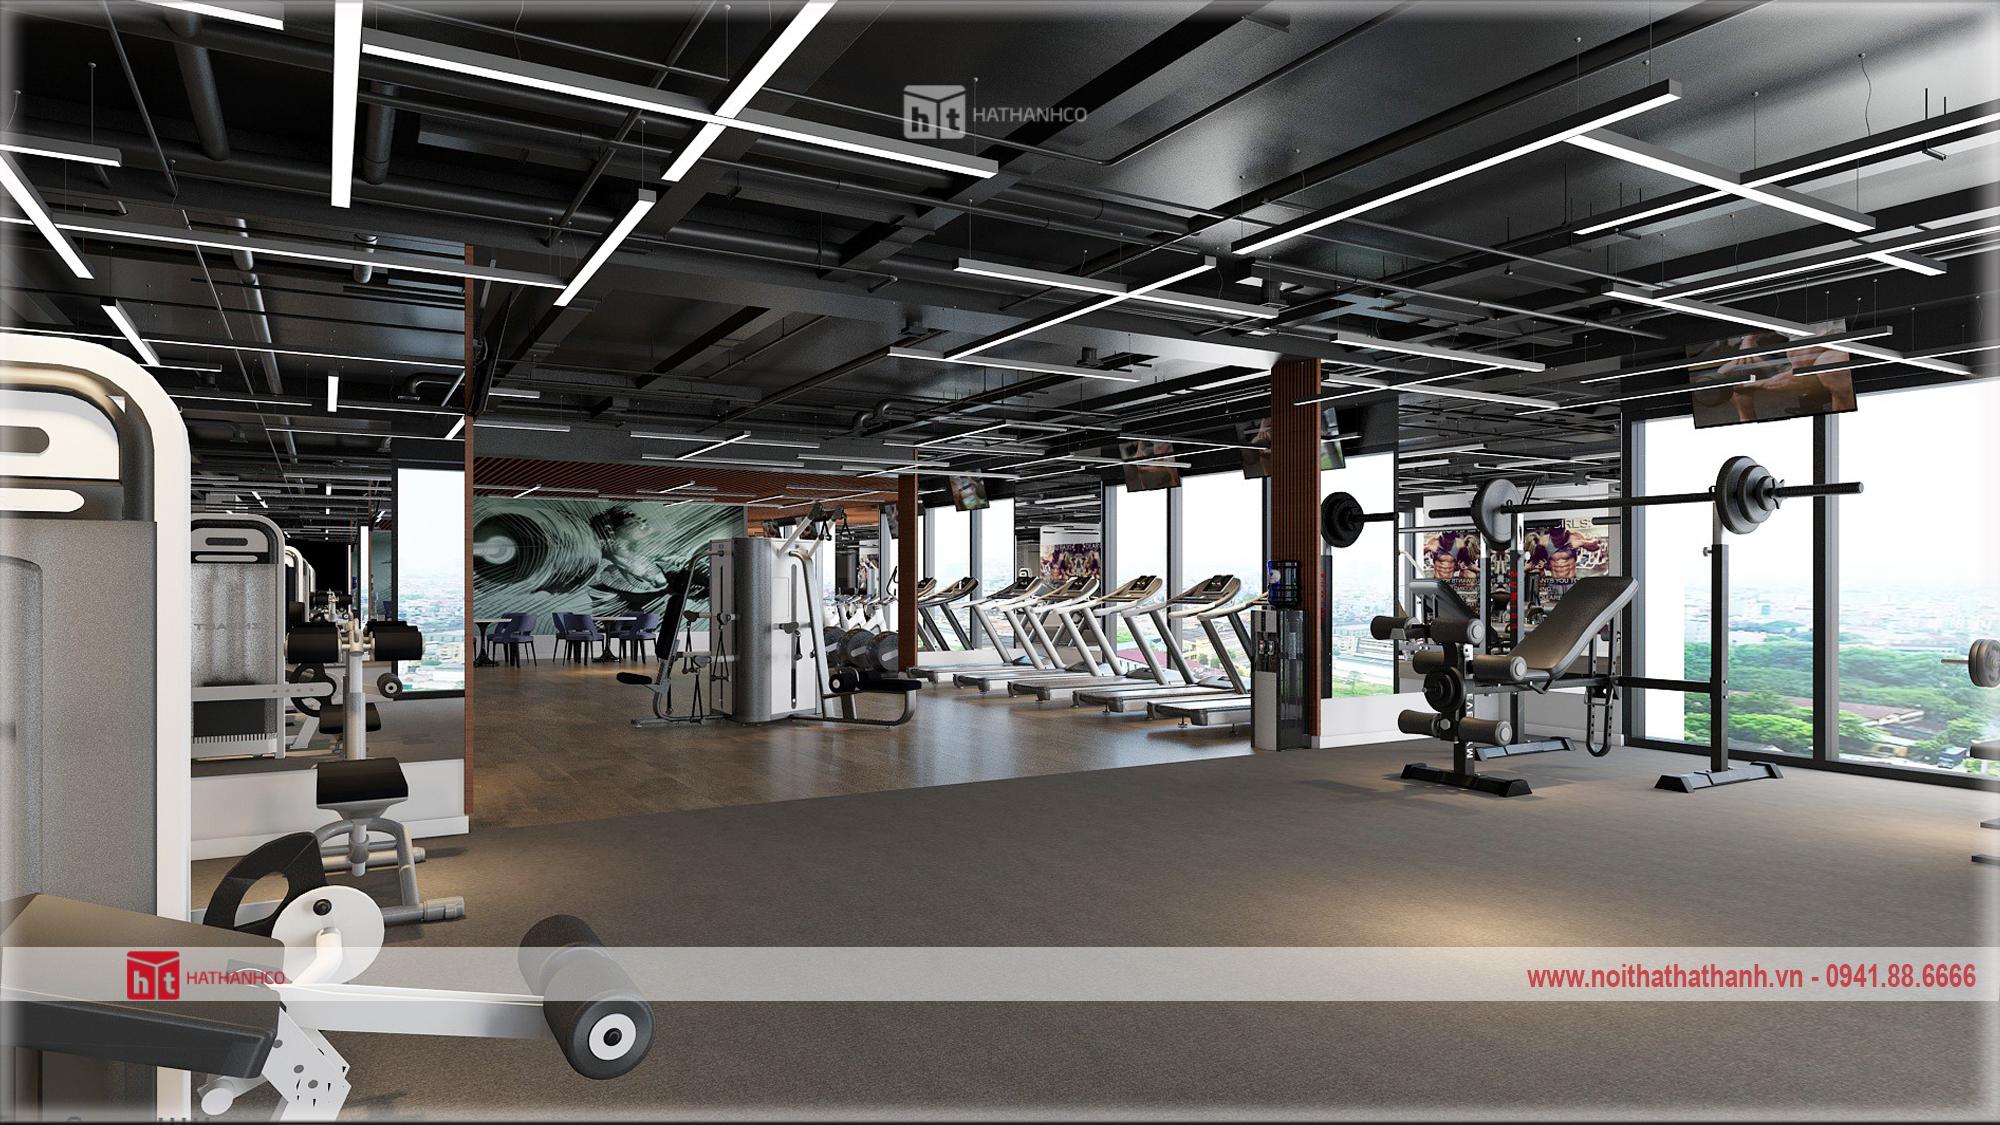 Thiết kế nội thất phòng tập gym hiện đại (1)